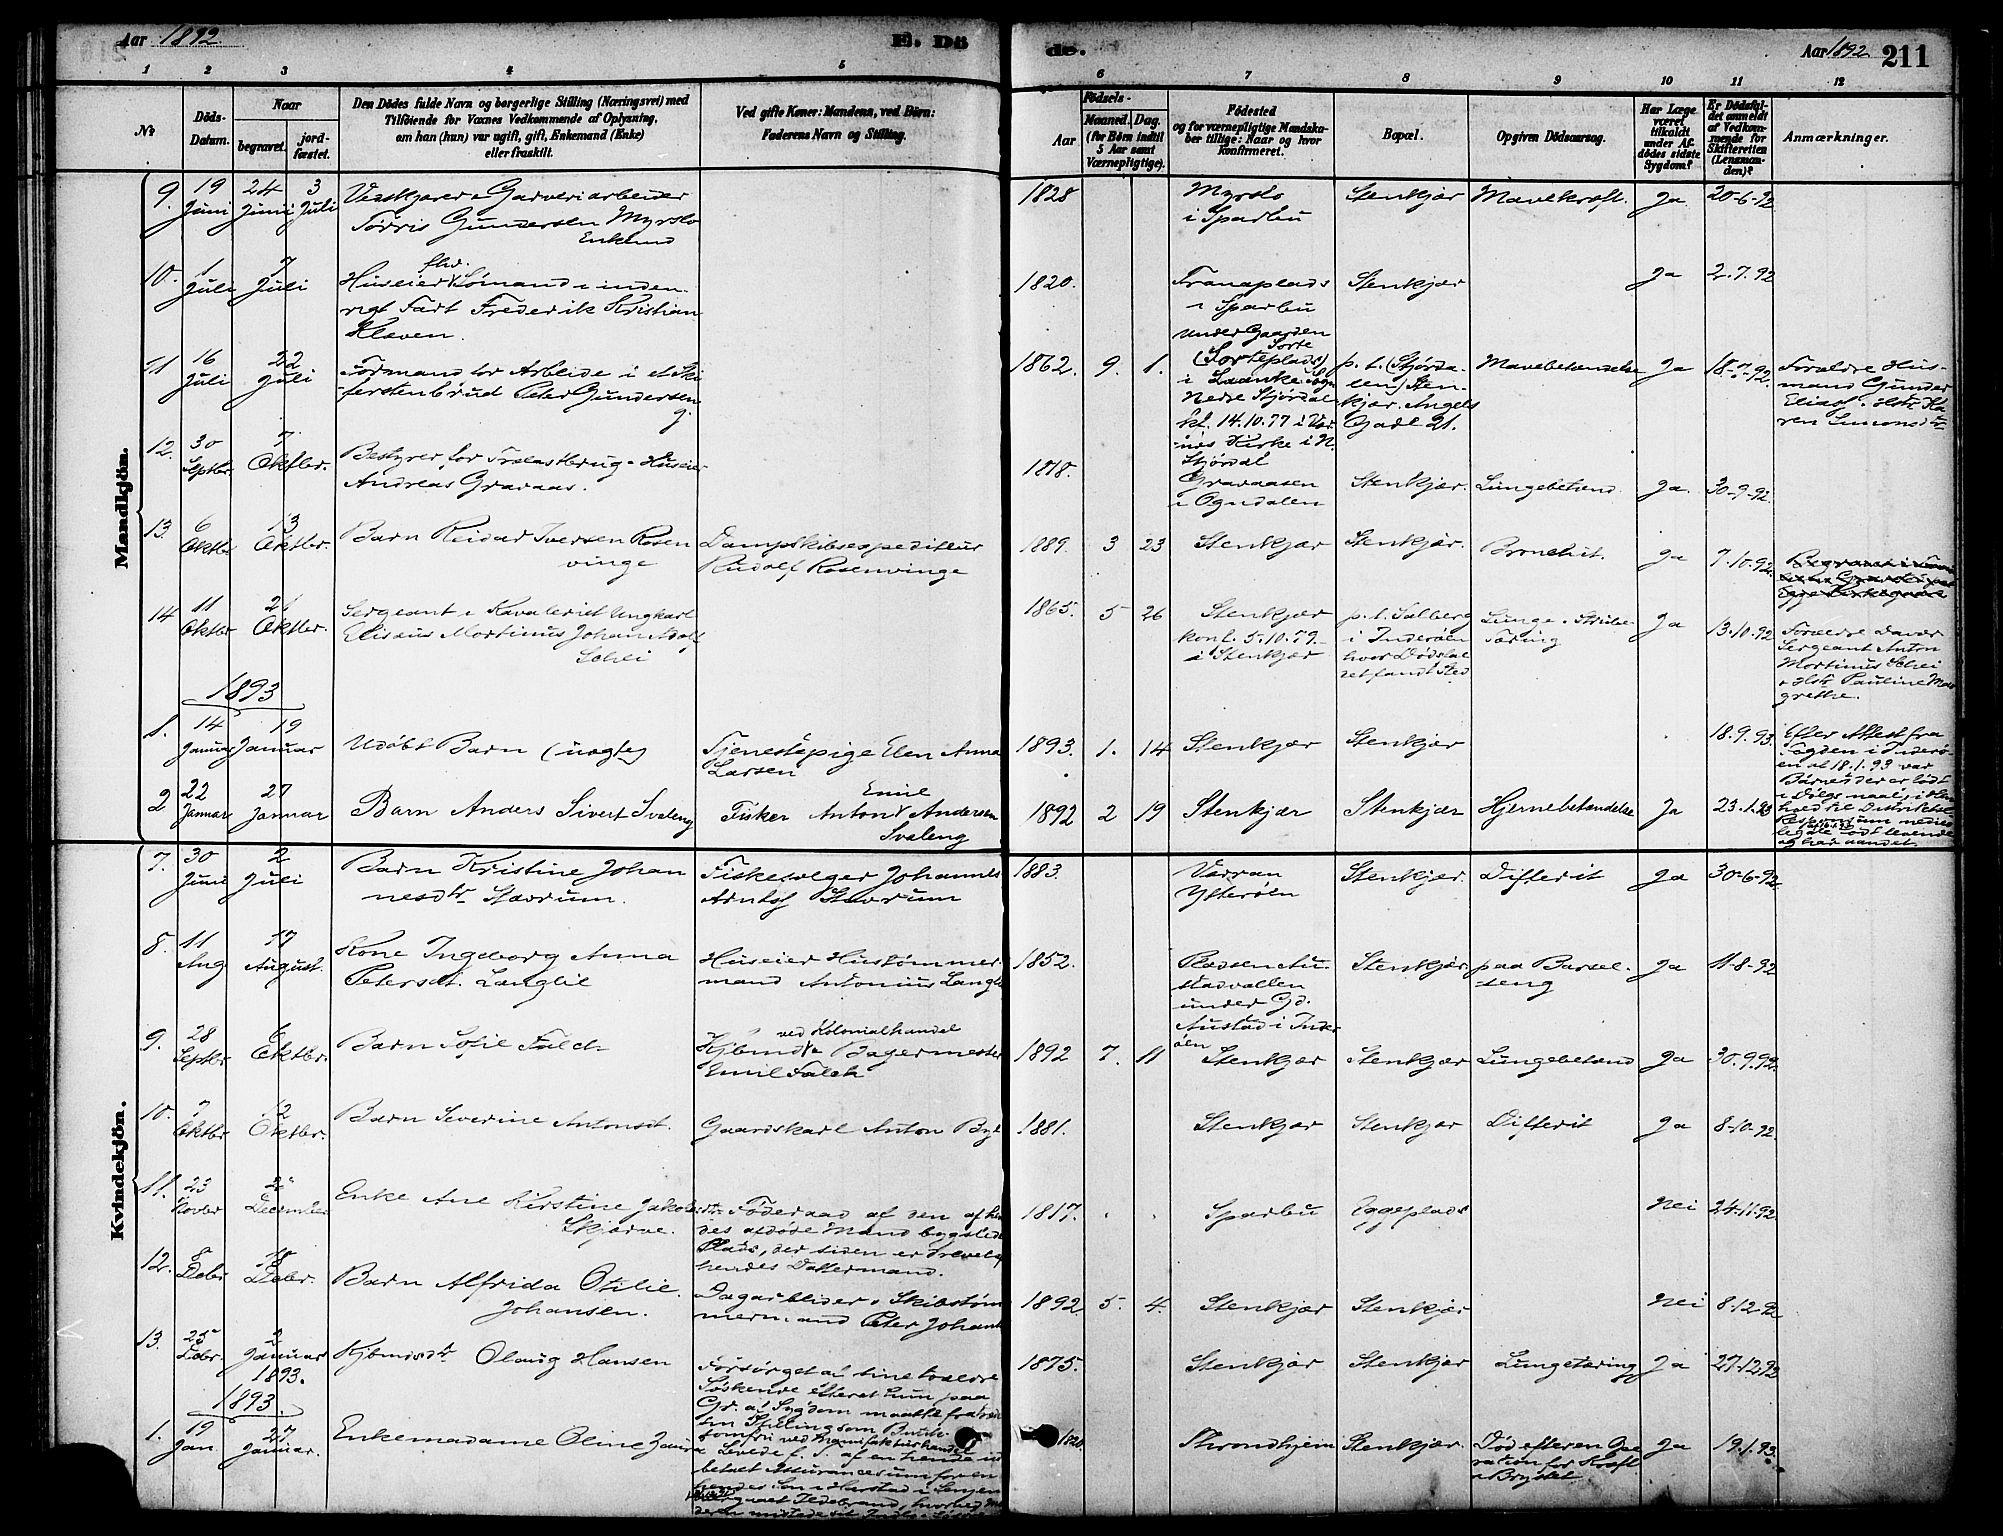 SAT, Ministerialprotokoller, klokkerbøker og fødselsregistre - Nord-Trøndelag, 739/L0371: Ministerialbok nr. 739A03, 1881-1895, s. 211